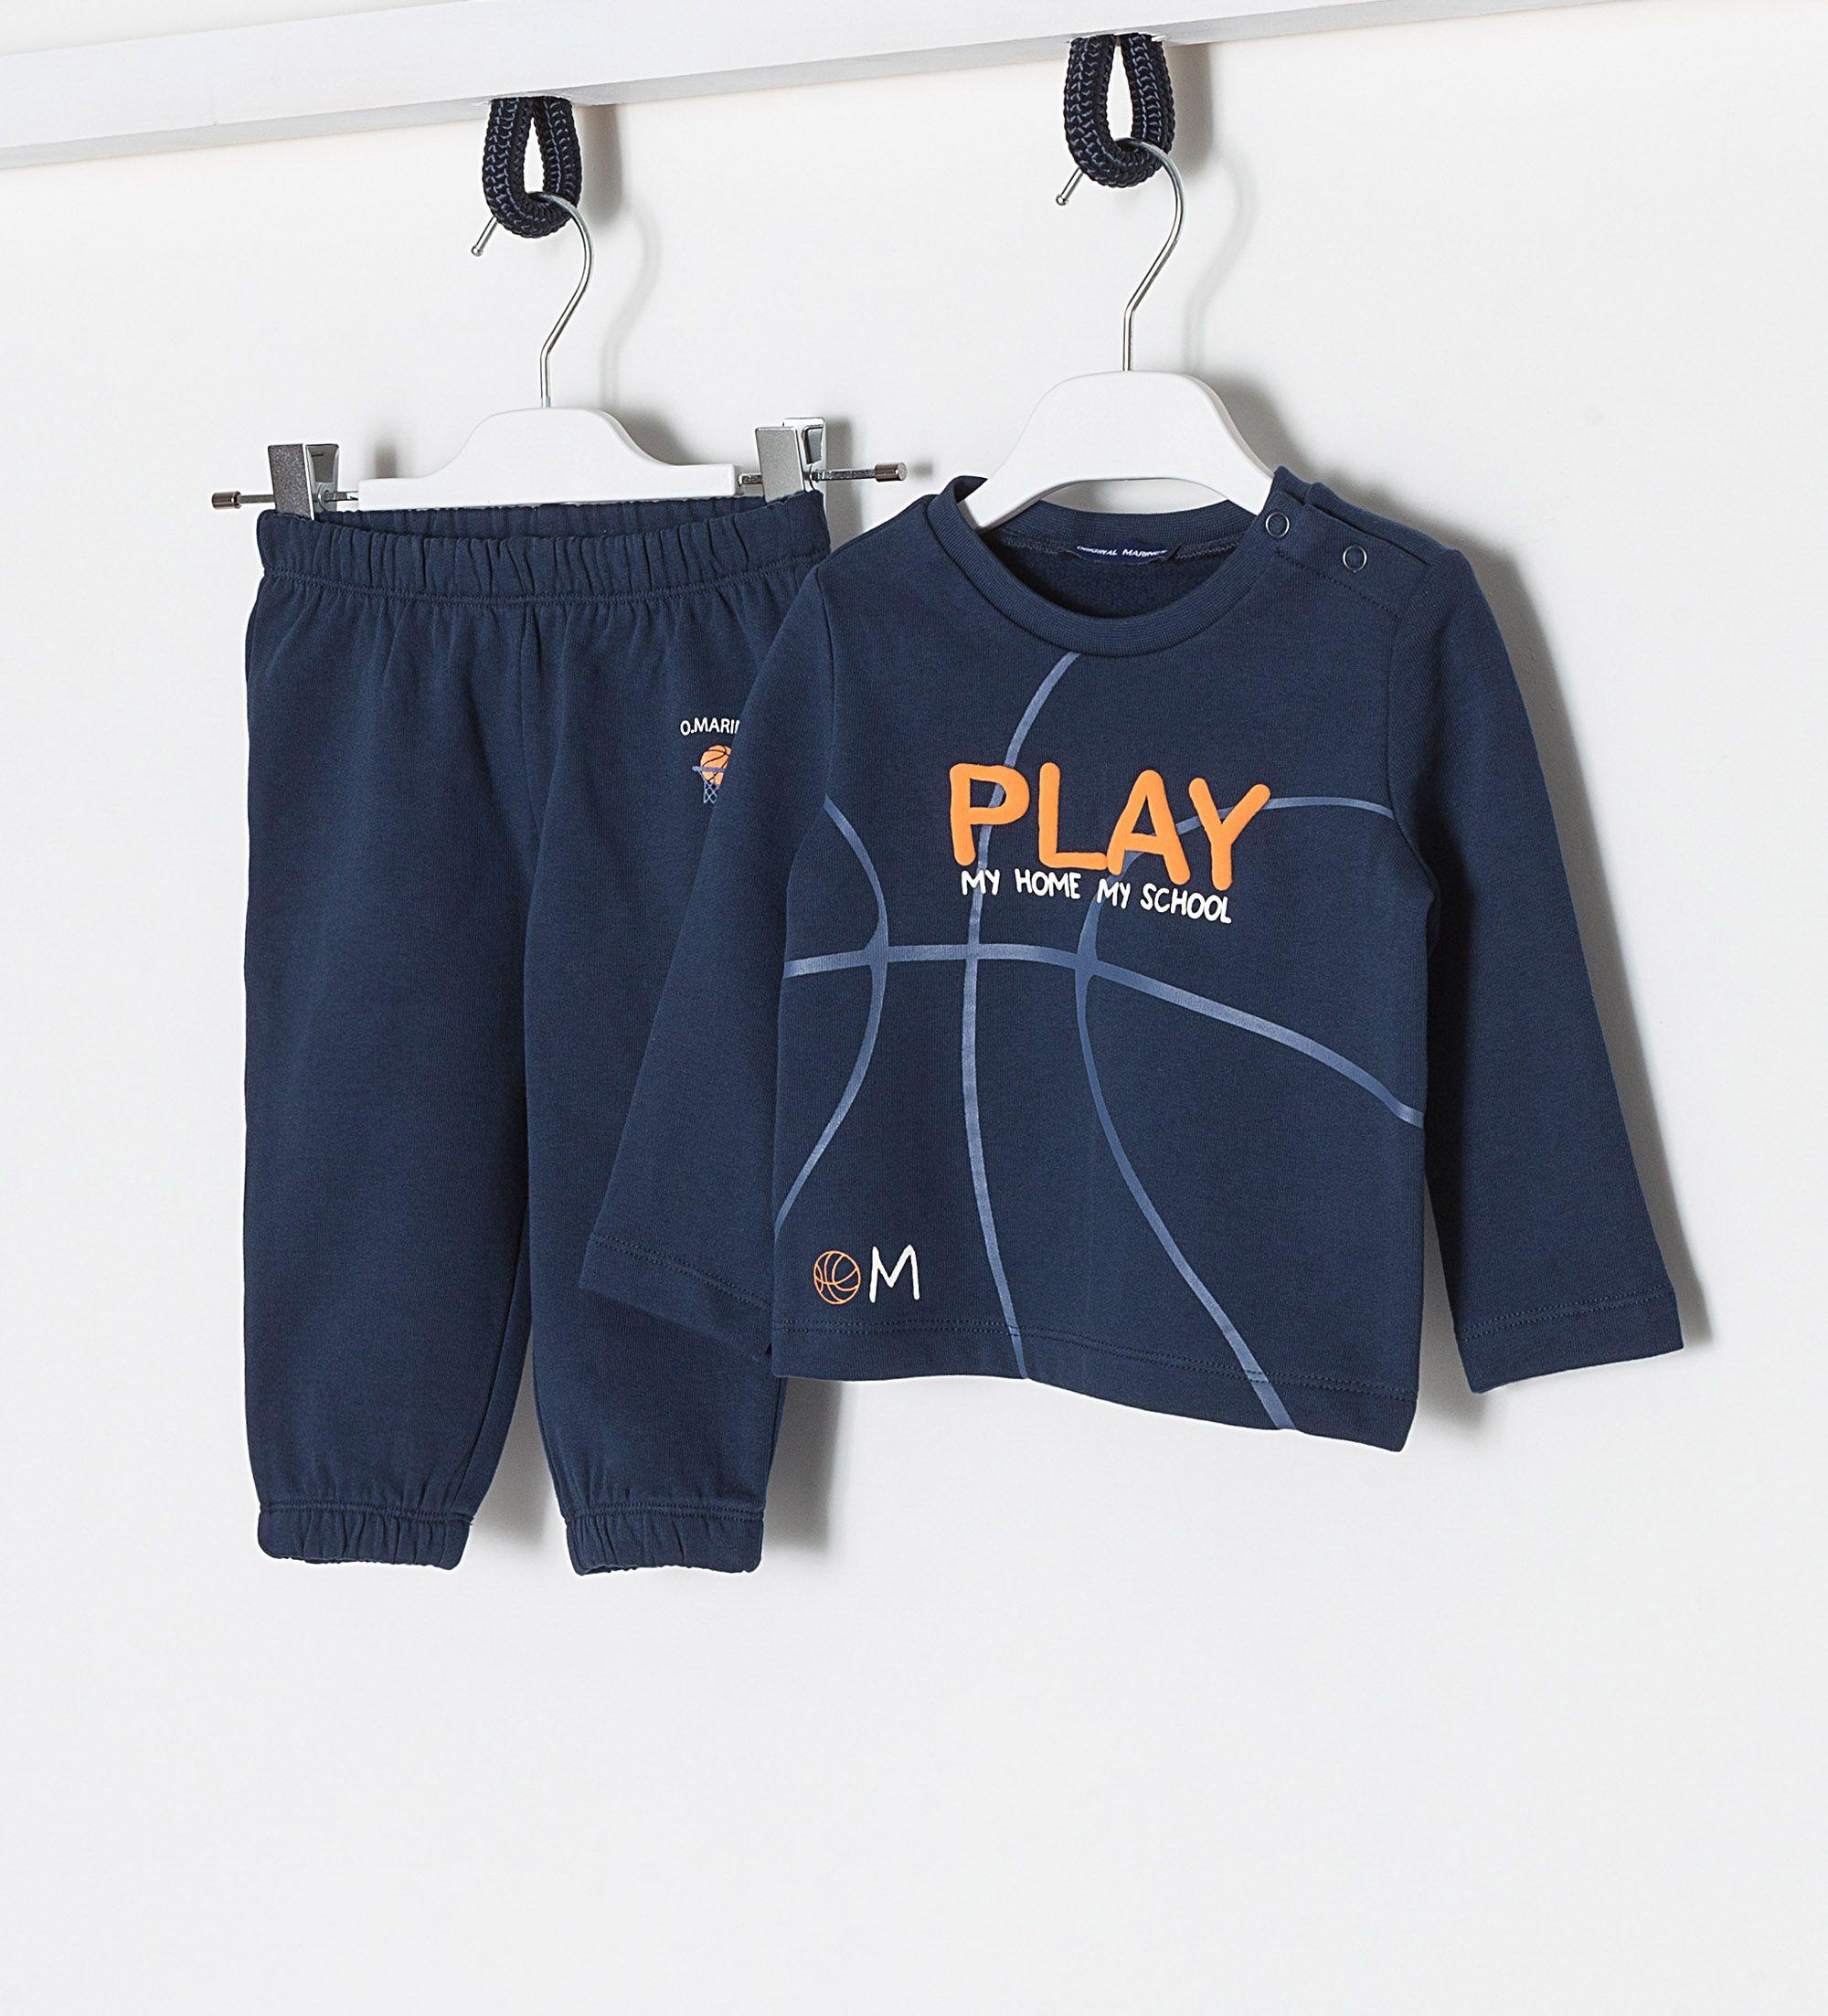 Купить Спортивный костюм, Сп.костюм (толстовка+брюки) Original Marines, синий, 62, Мальчики, весна